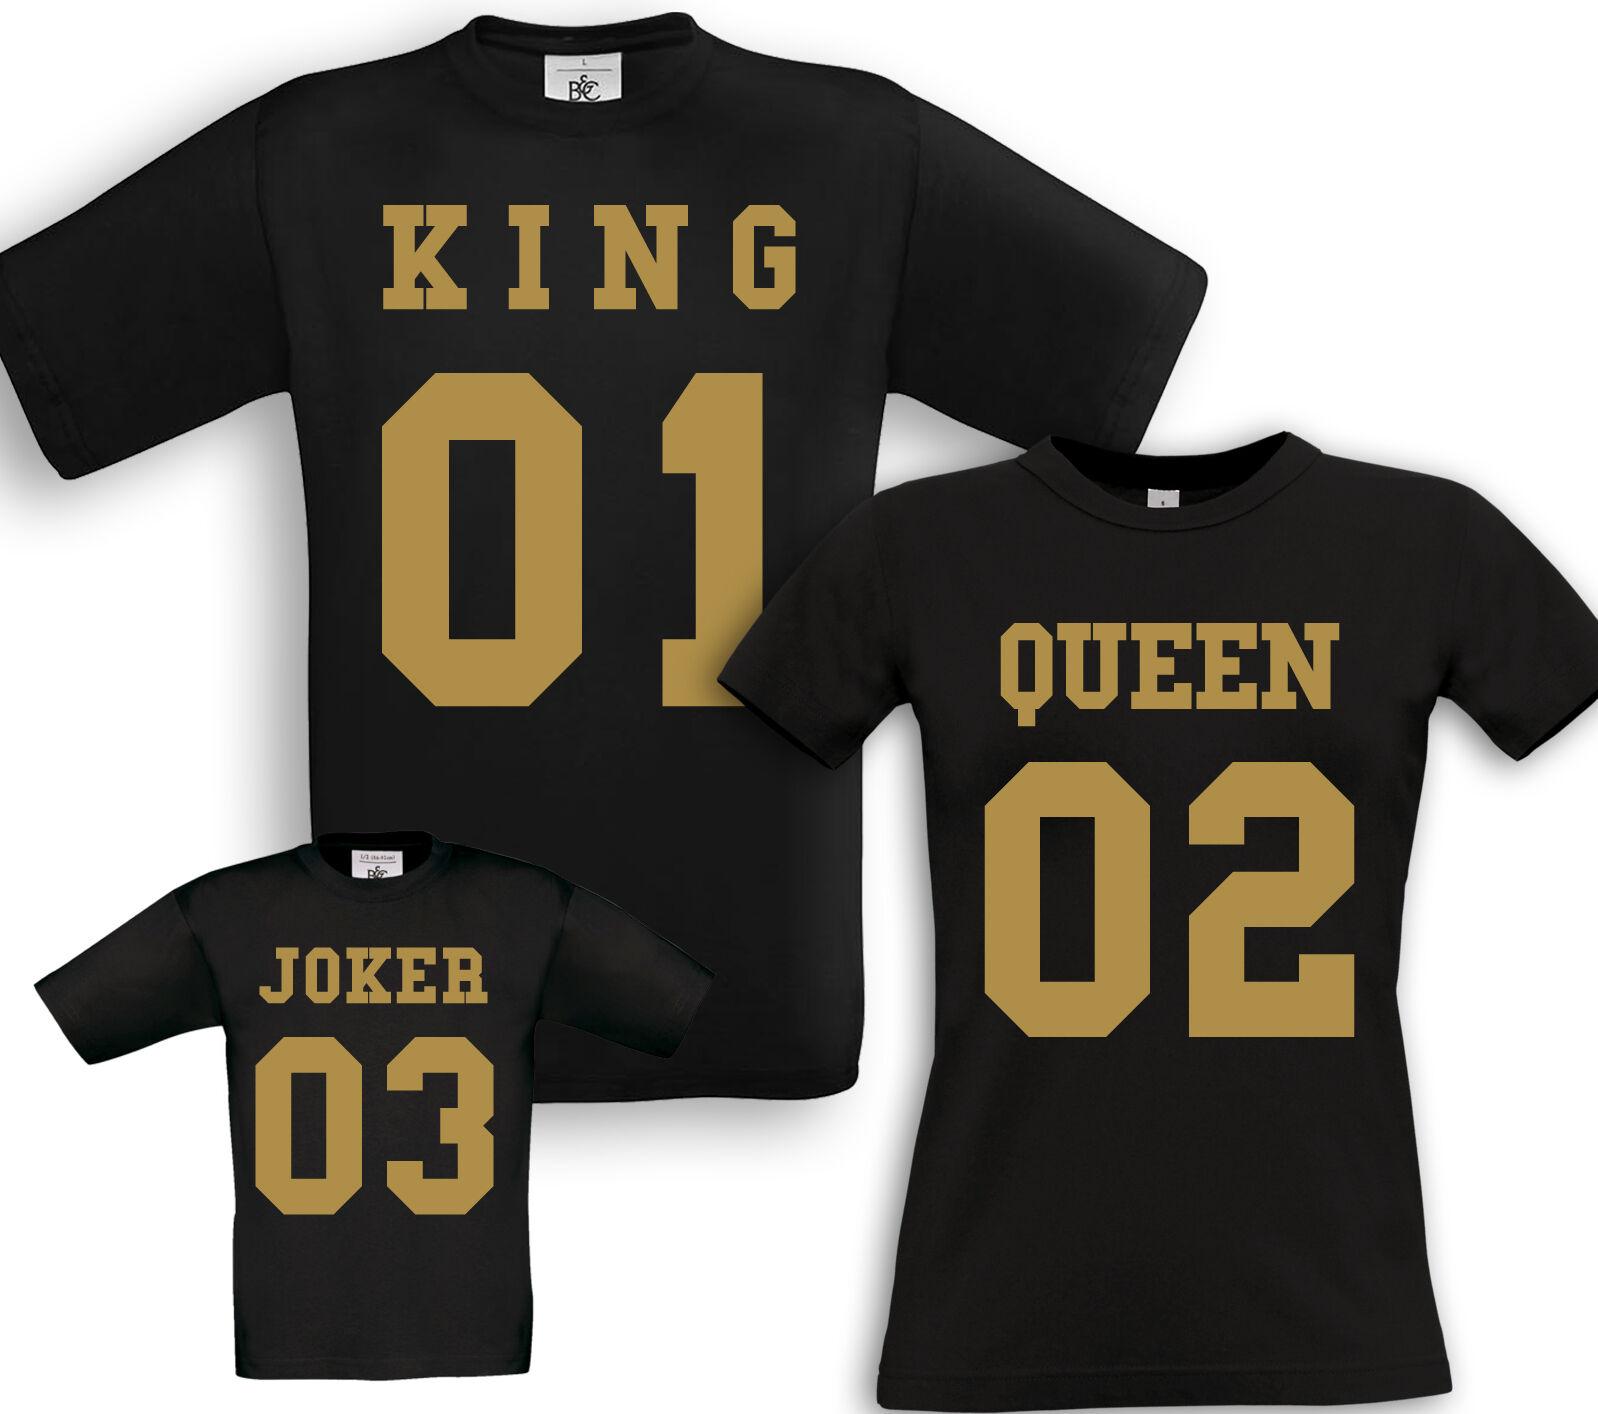 KING + QUEEN + JOKER - Familien Partner Shirts - Fun Geburtstag Geschenk Taufe